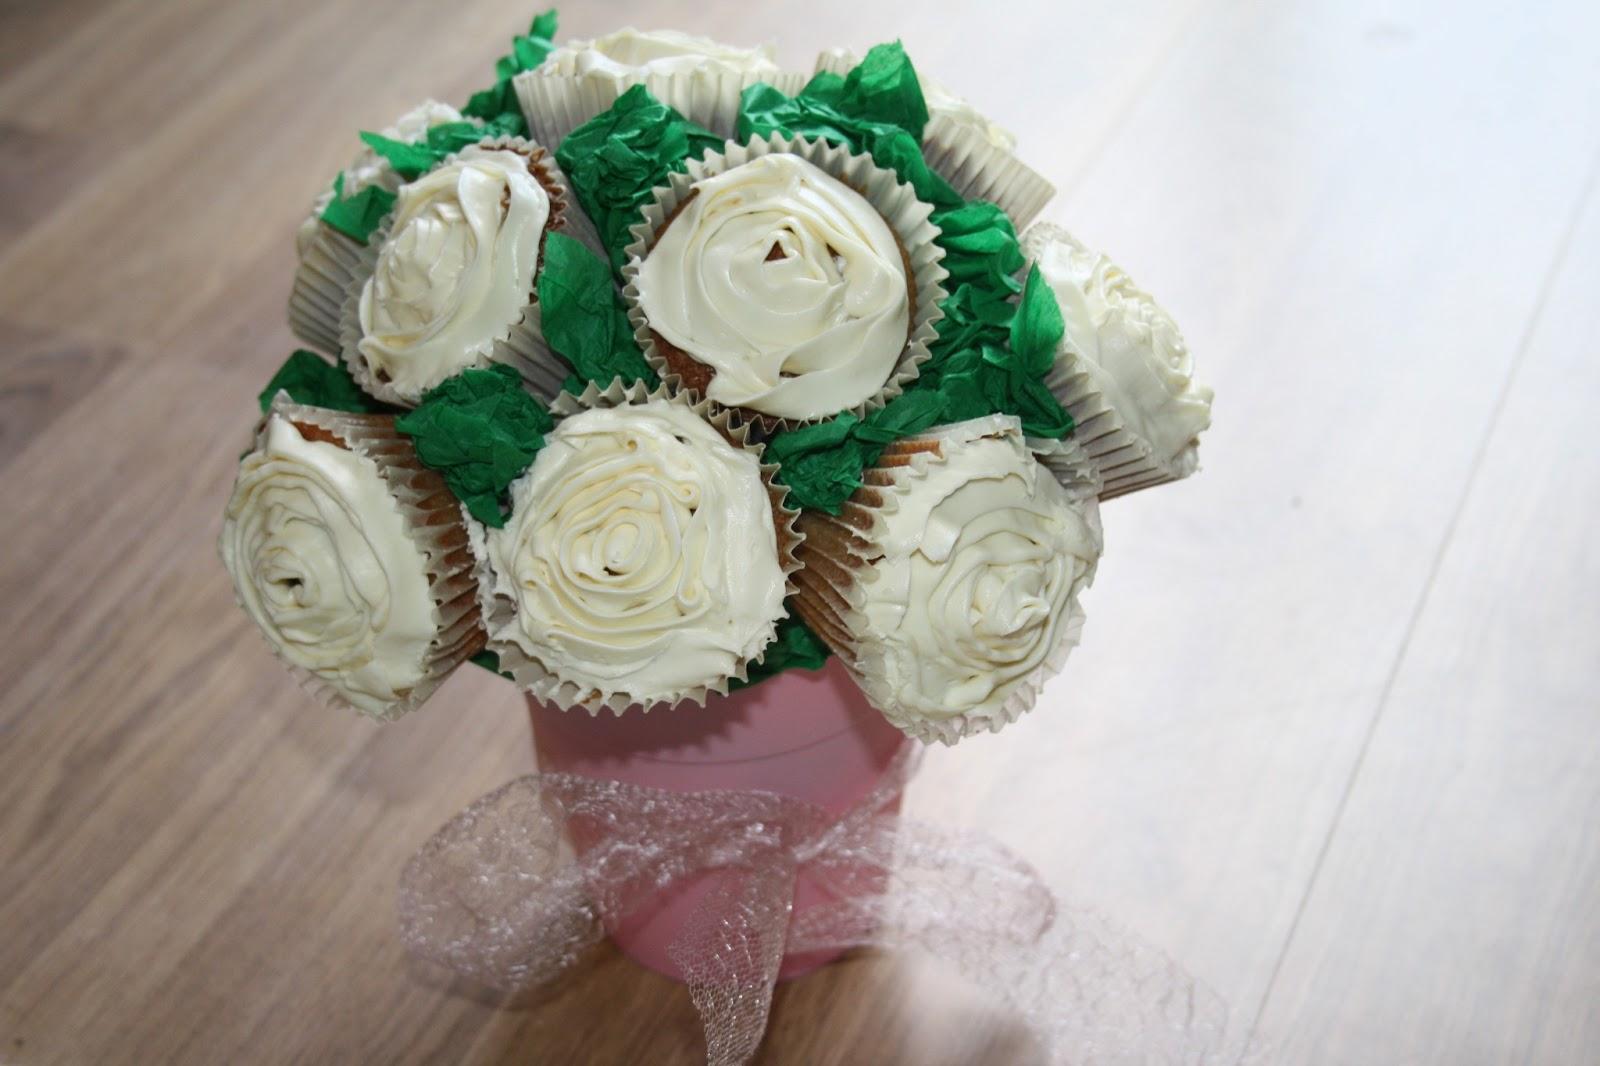 Caroline Makes How To Make A Cupcake Bouquet For A Wedding